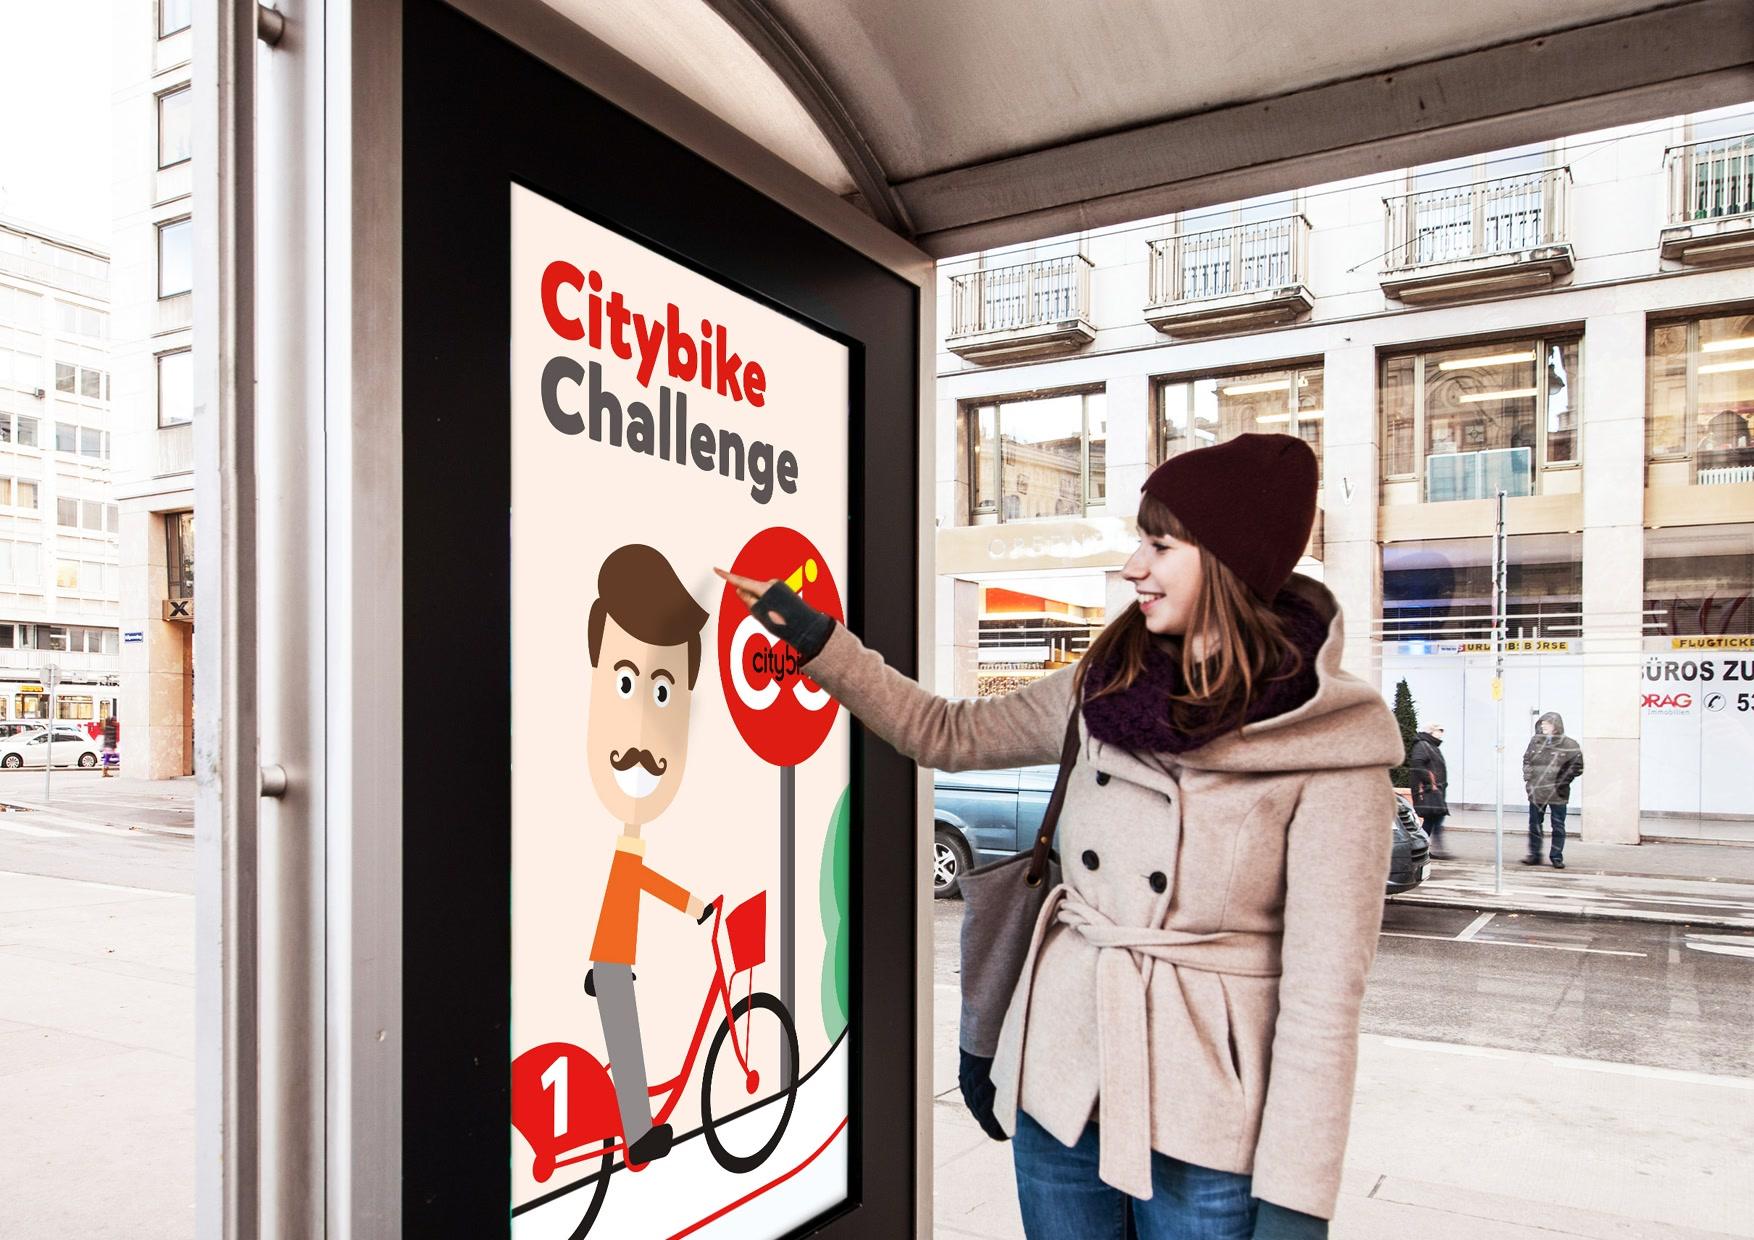 Citybike_Game_1